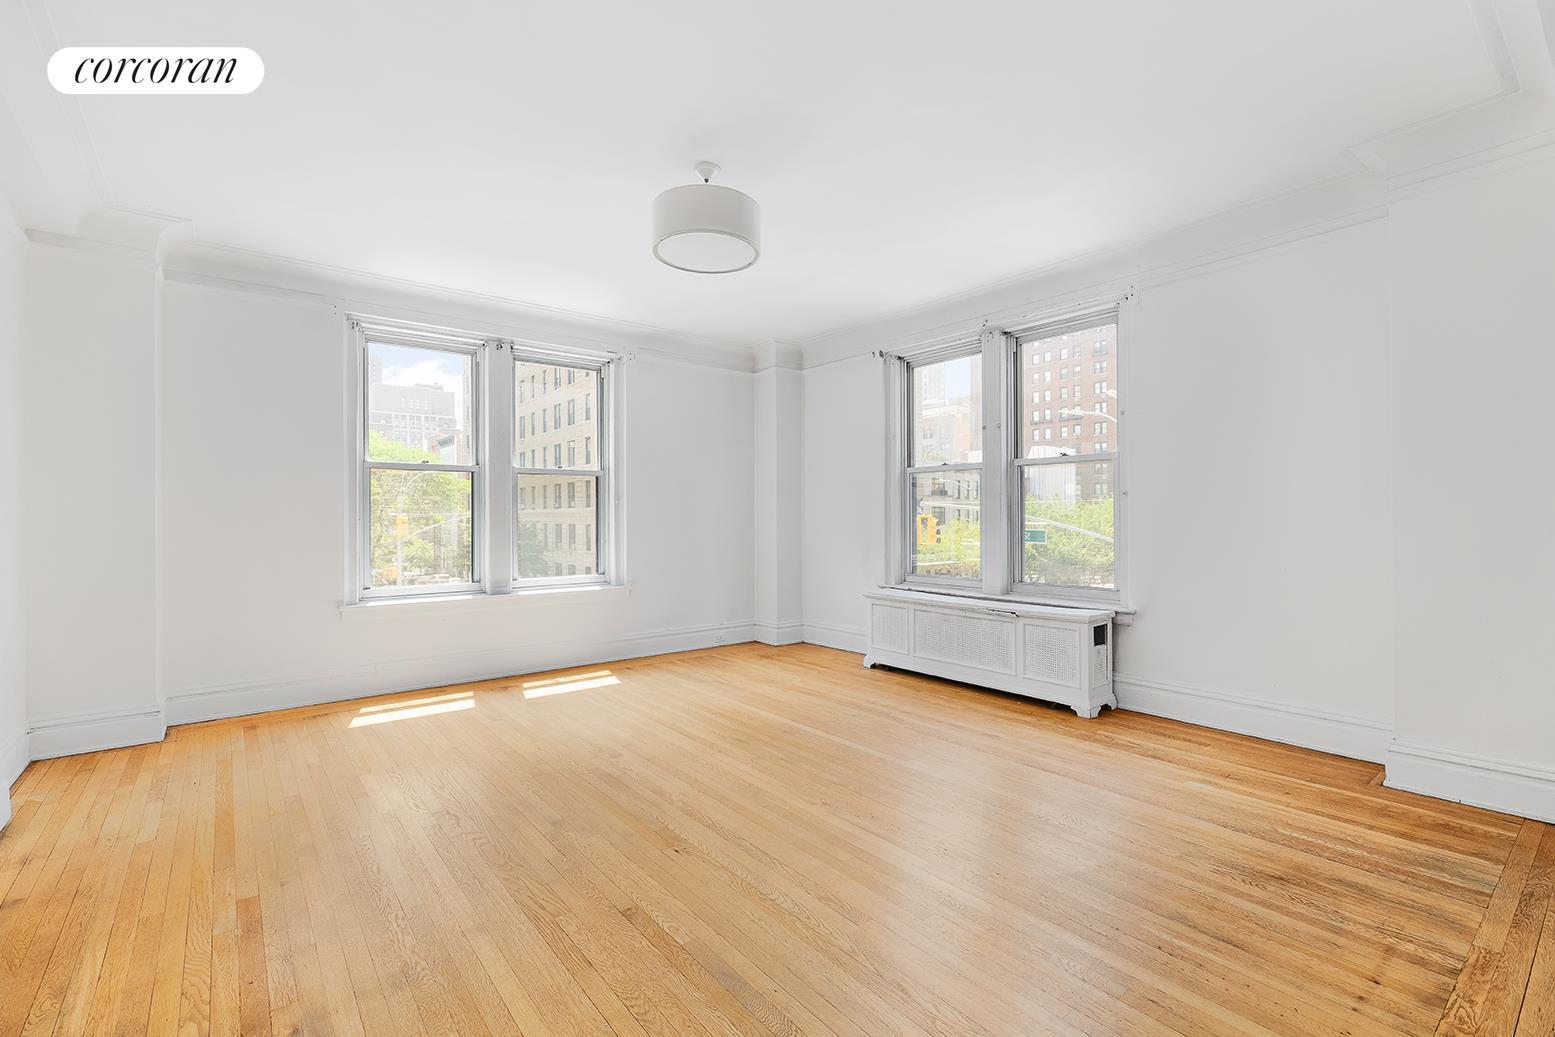 Apartment for sale at 1160 Park Avenue, Apt 2AC